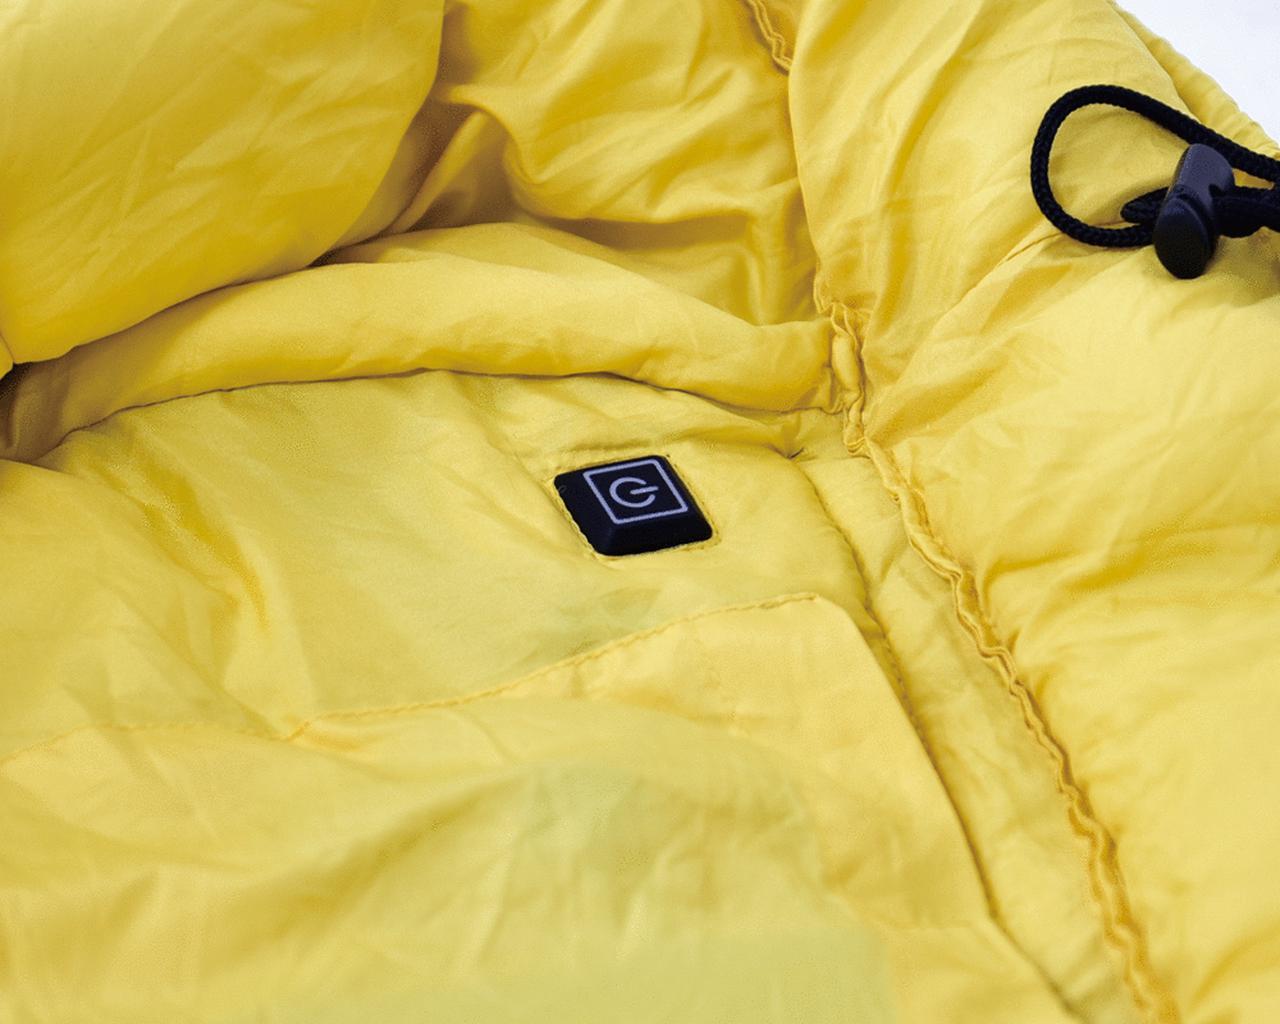 画像4: 冬場は寒くて眠れない? なら寝袋を暖めればいいじゃない